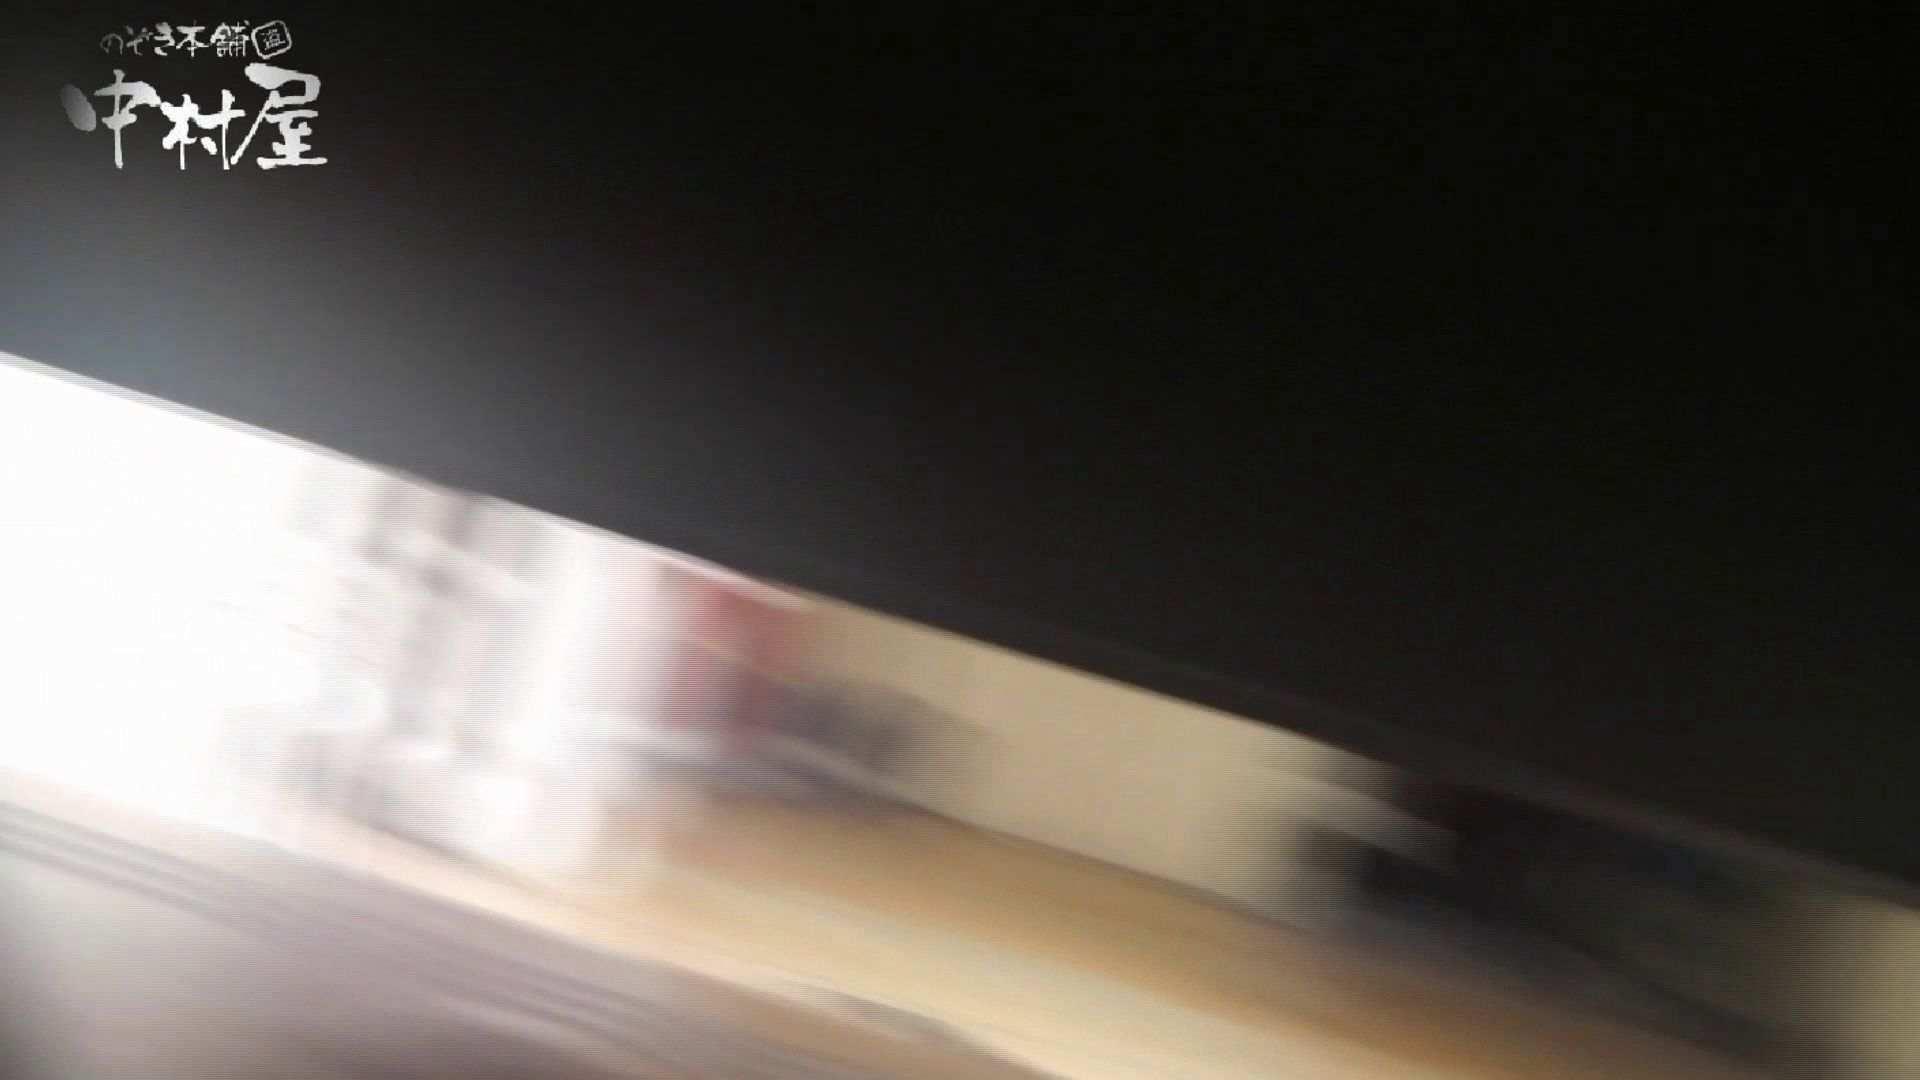 【世界の射窓から~ステーション編~】ステーション編 vol52 我慢して個室に入ったら。||:-)!! 盗撮特集 | おまんこ  79画像 31